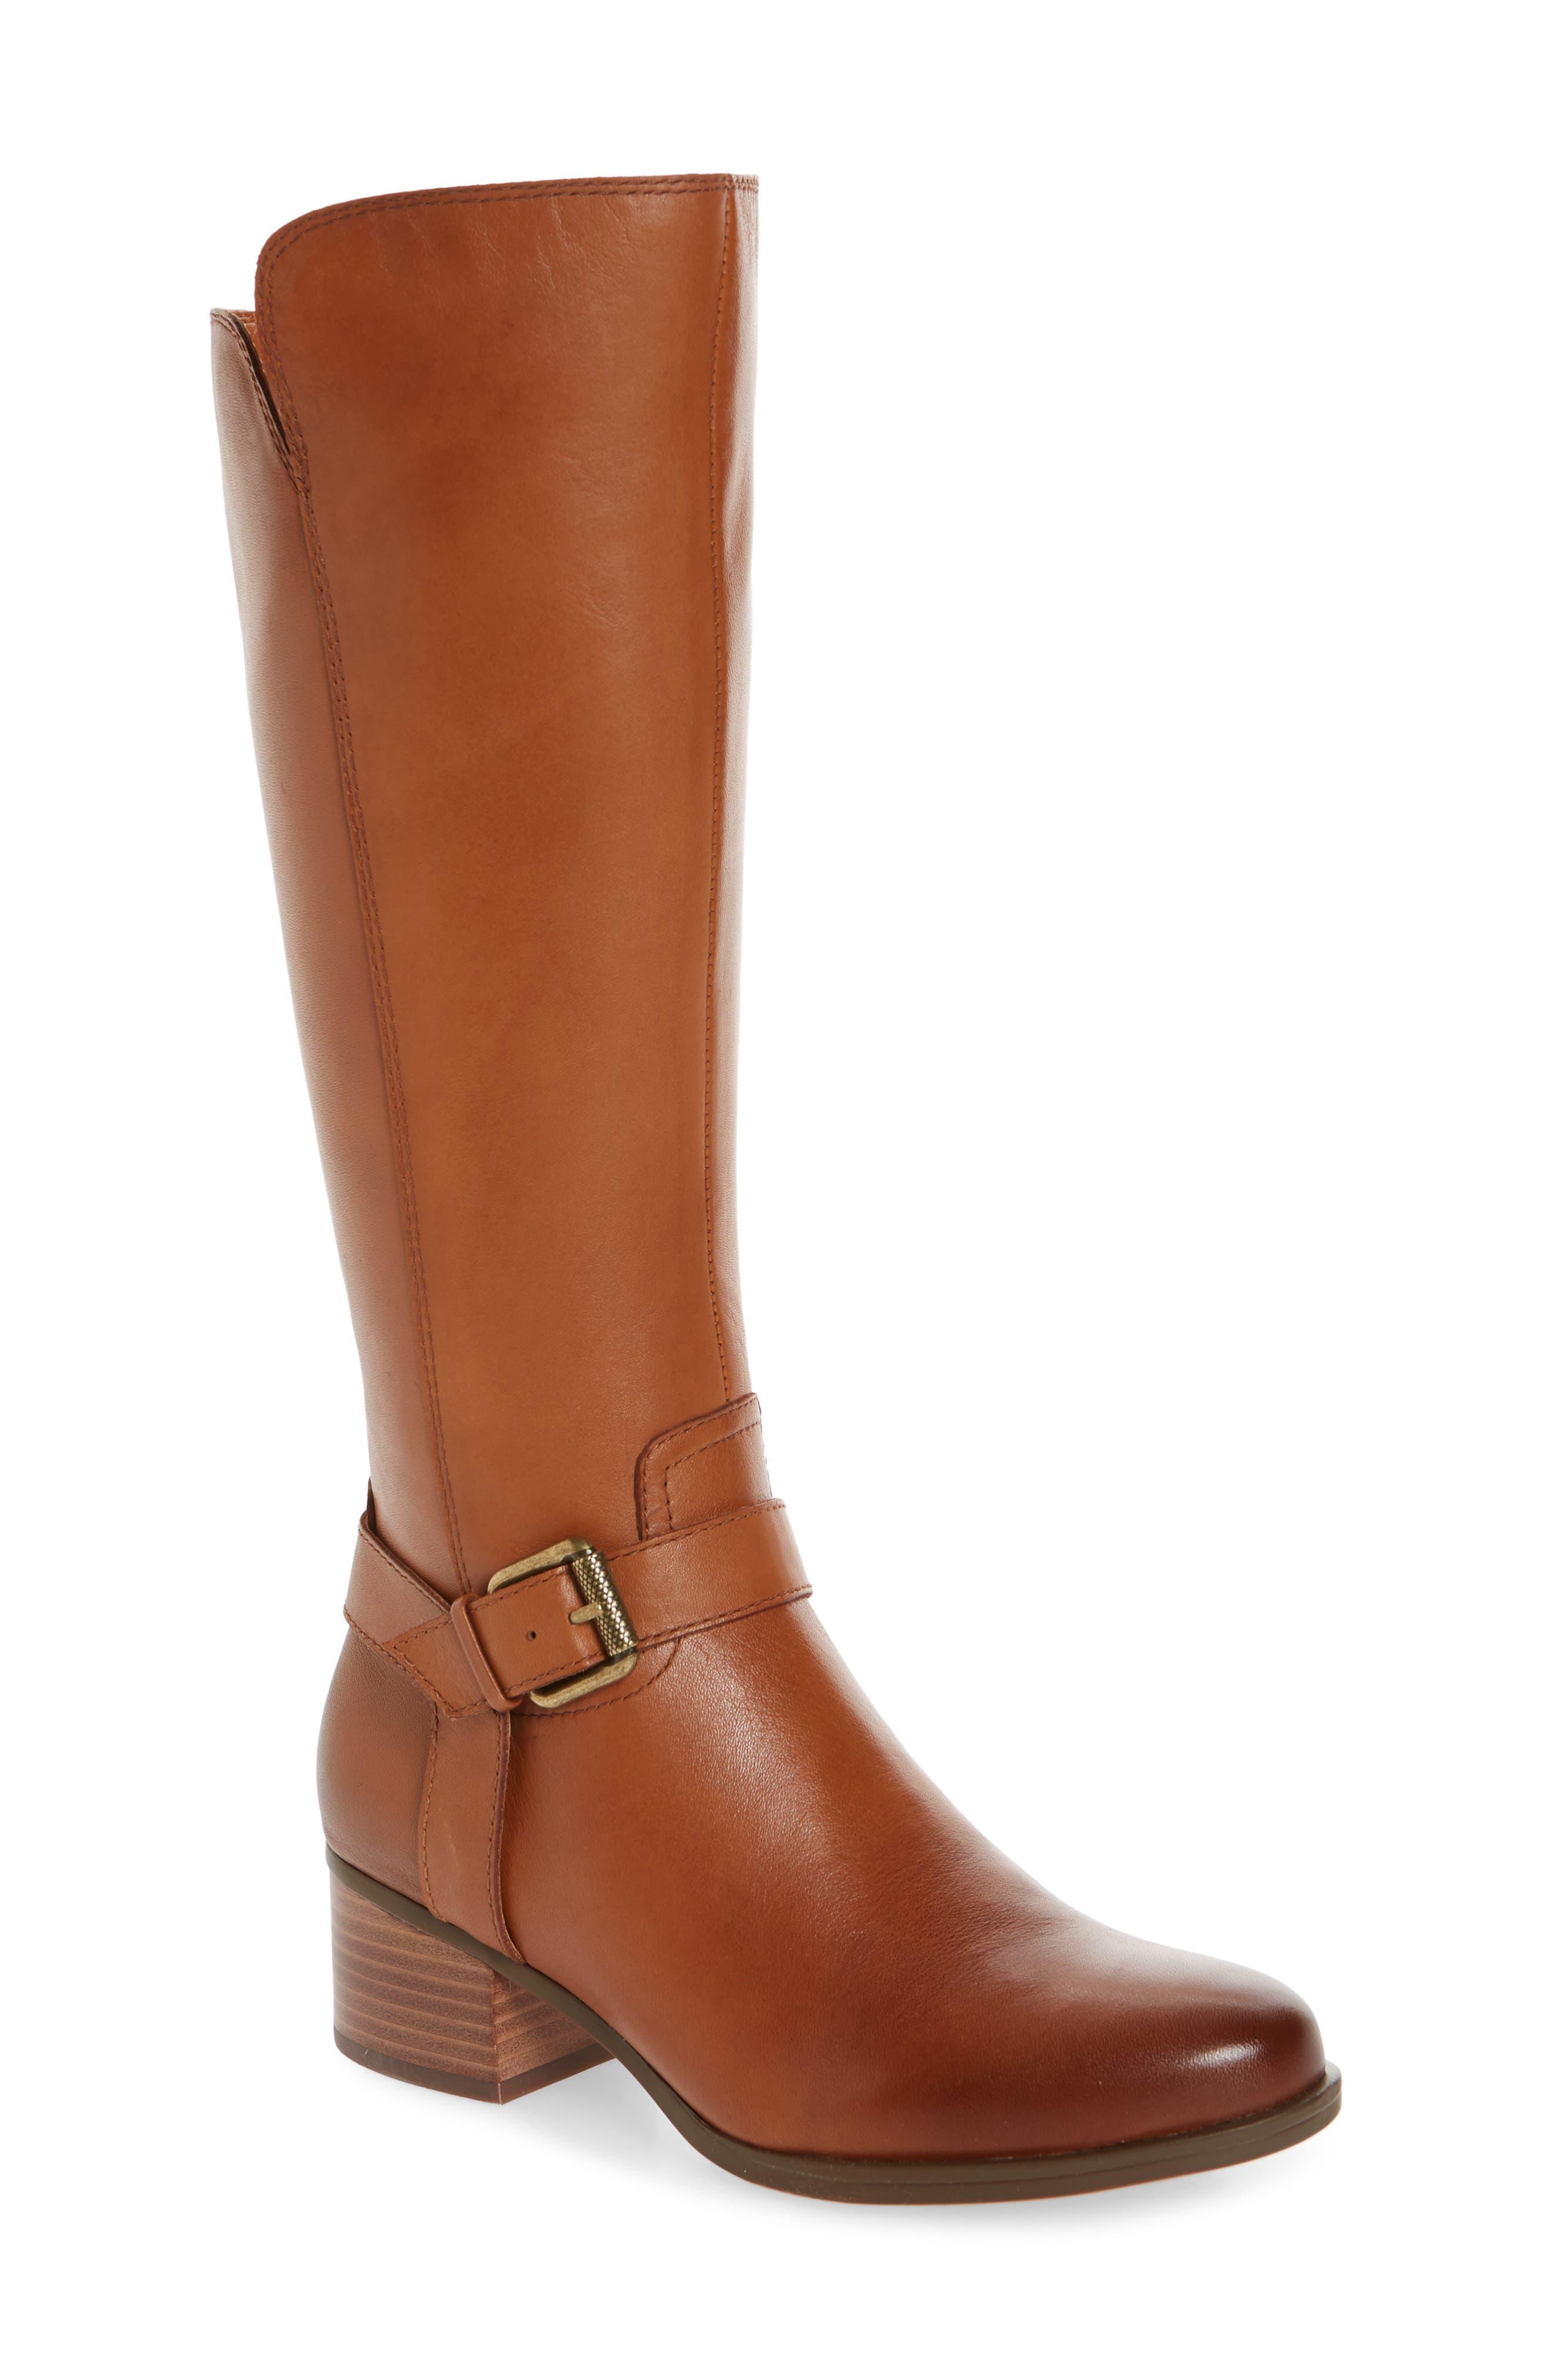 Naturalizer Dalton Tall Boot (Women) (Regular & Wide Calf)